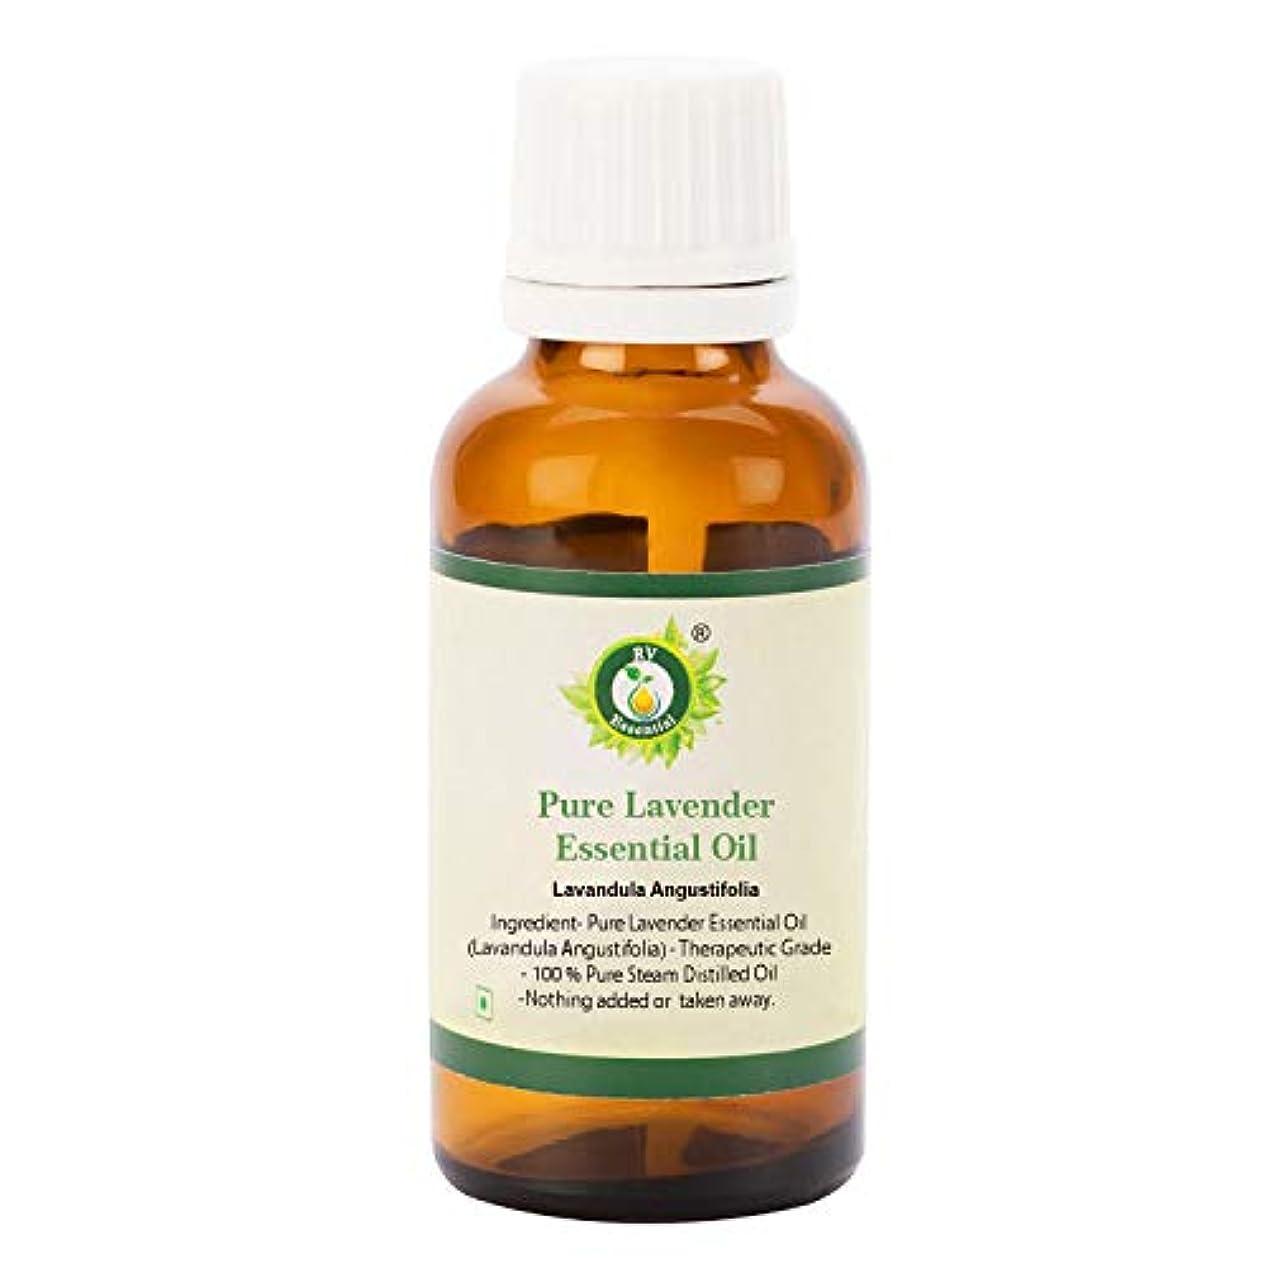 ブランクきょうだい受け皿R V Essential ピュアラベンダーエッセンシャルオイル5ml (0.169oz)- Lavandula Angustifolia (100%純粋&天然スチームDistilled) Pure lavender Essential...